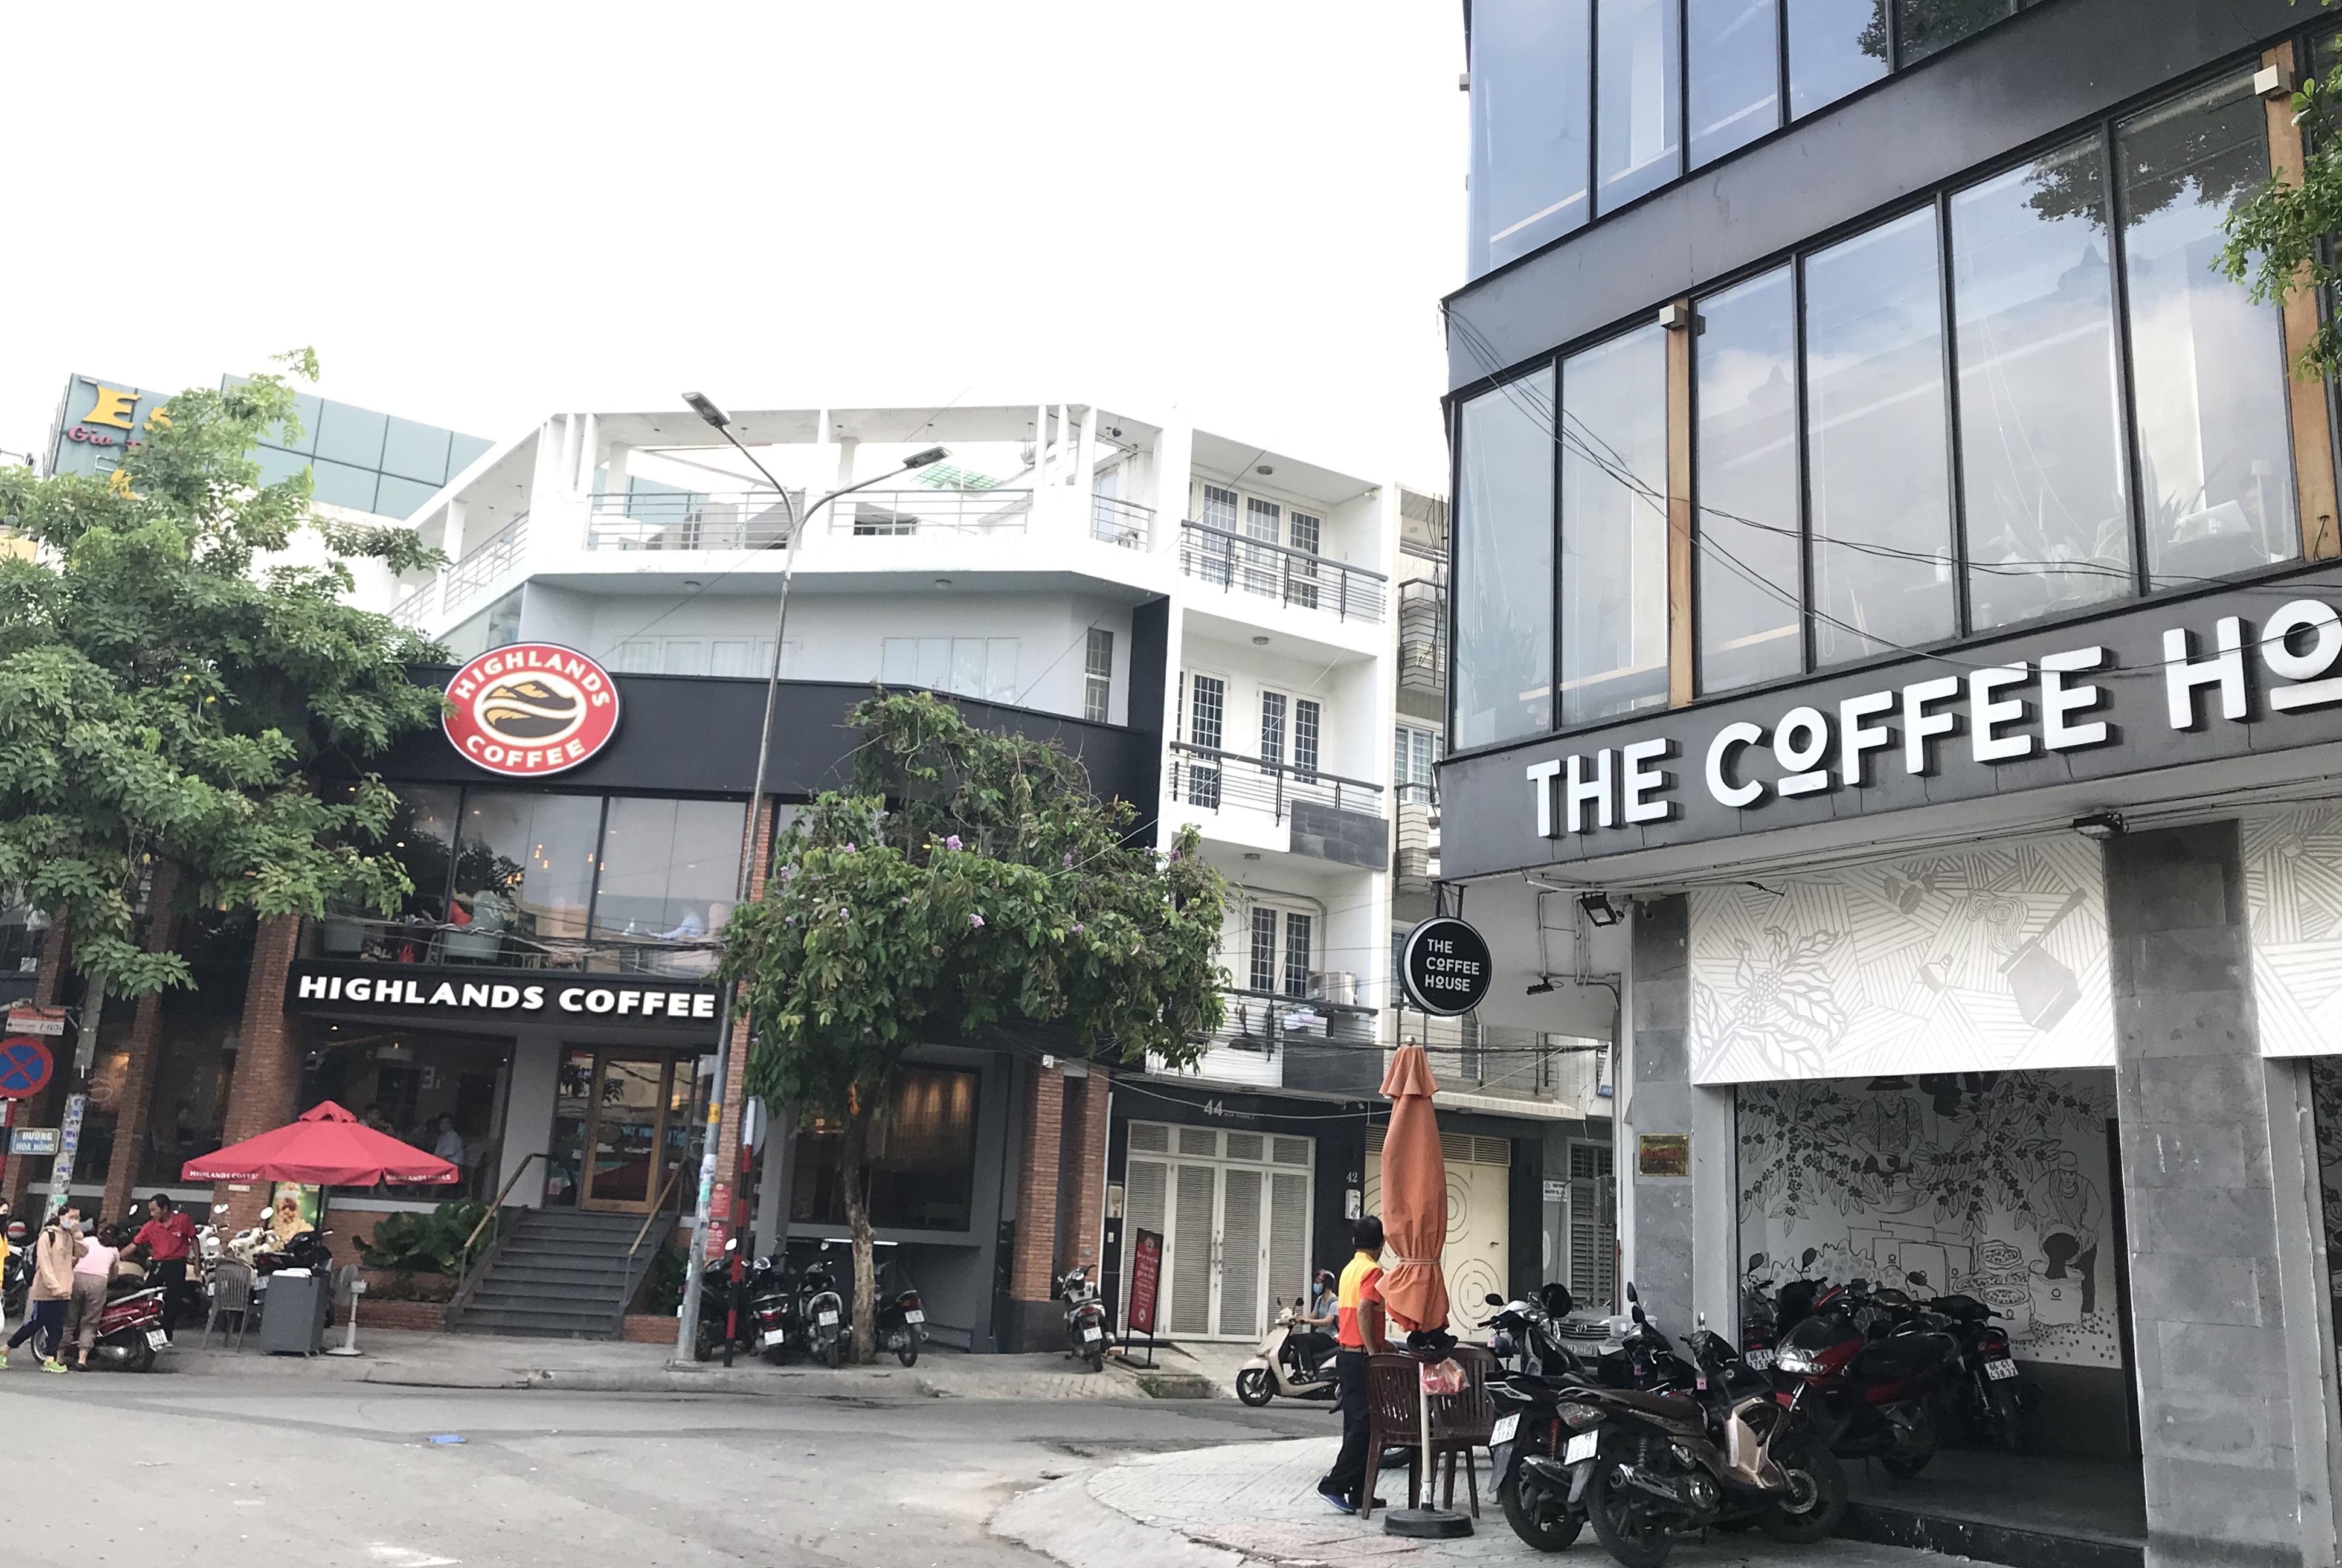 'Cuộc chiến' chuỗi cà phê của Highlands Coffee, Trung Nguyên, The Coffee House… đang khốc liệt ra sao? - Ảnh 1.